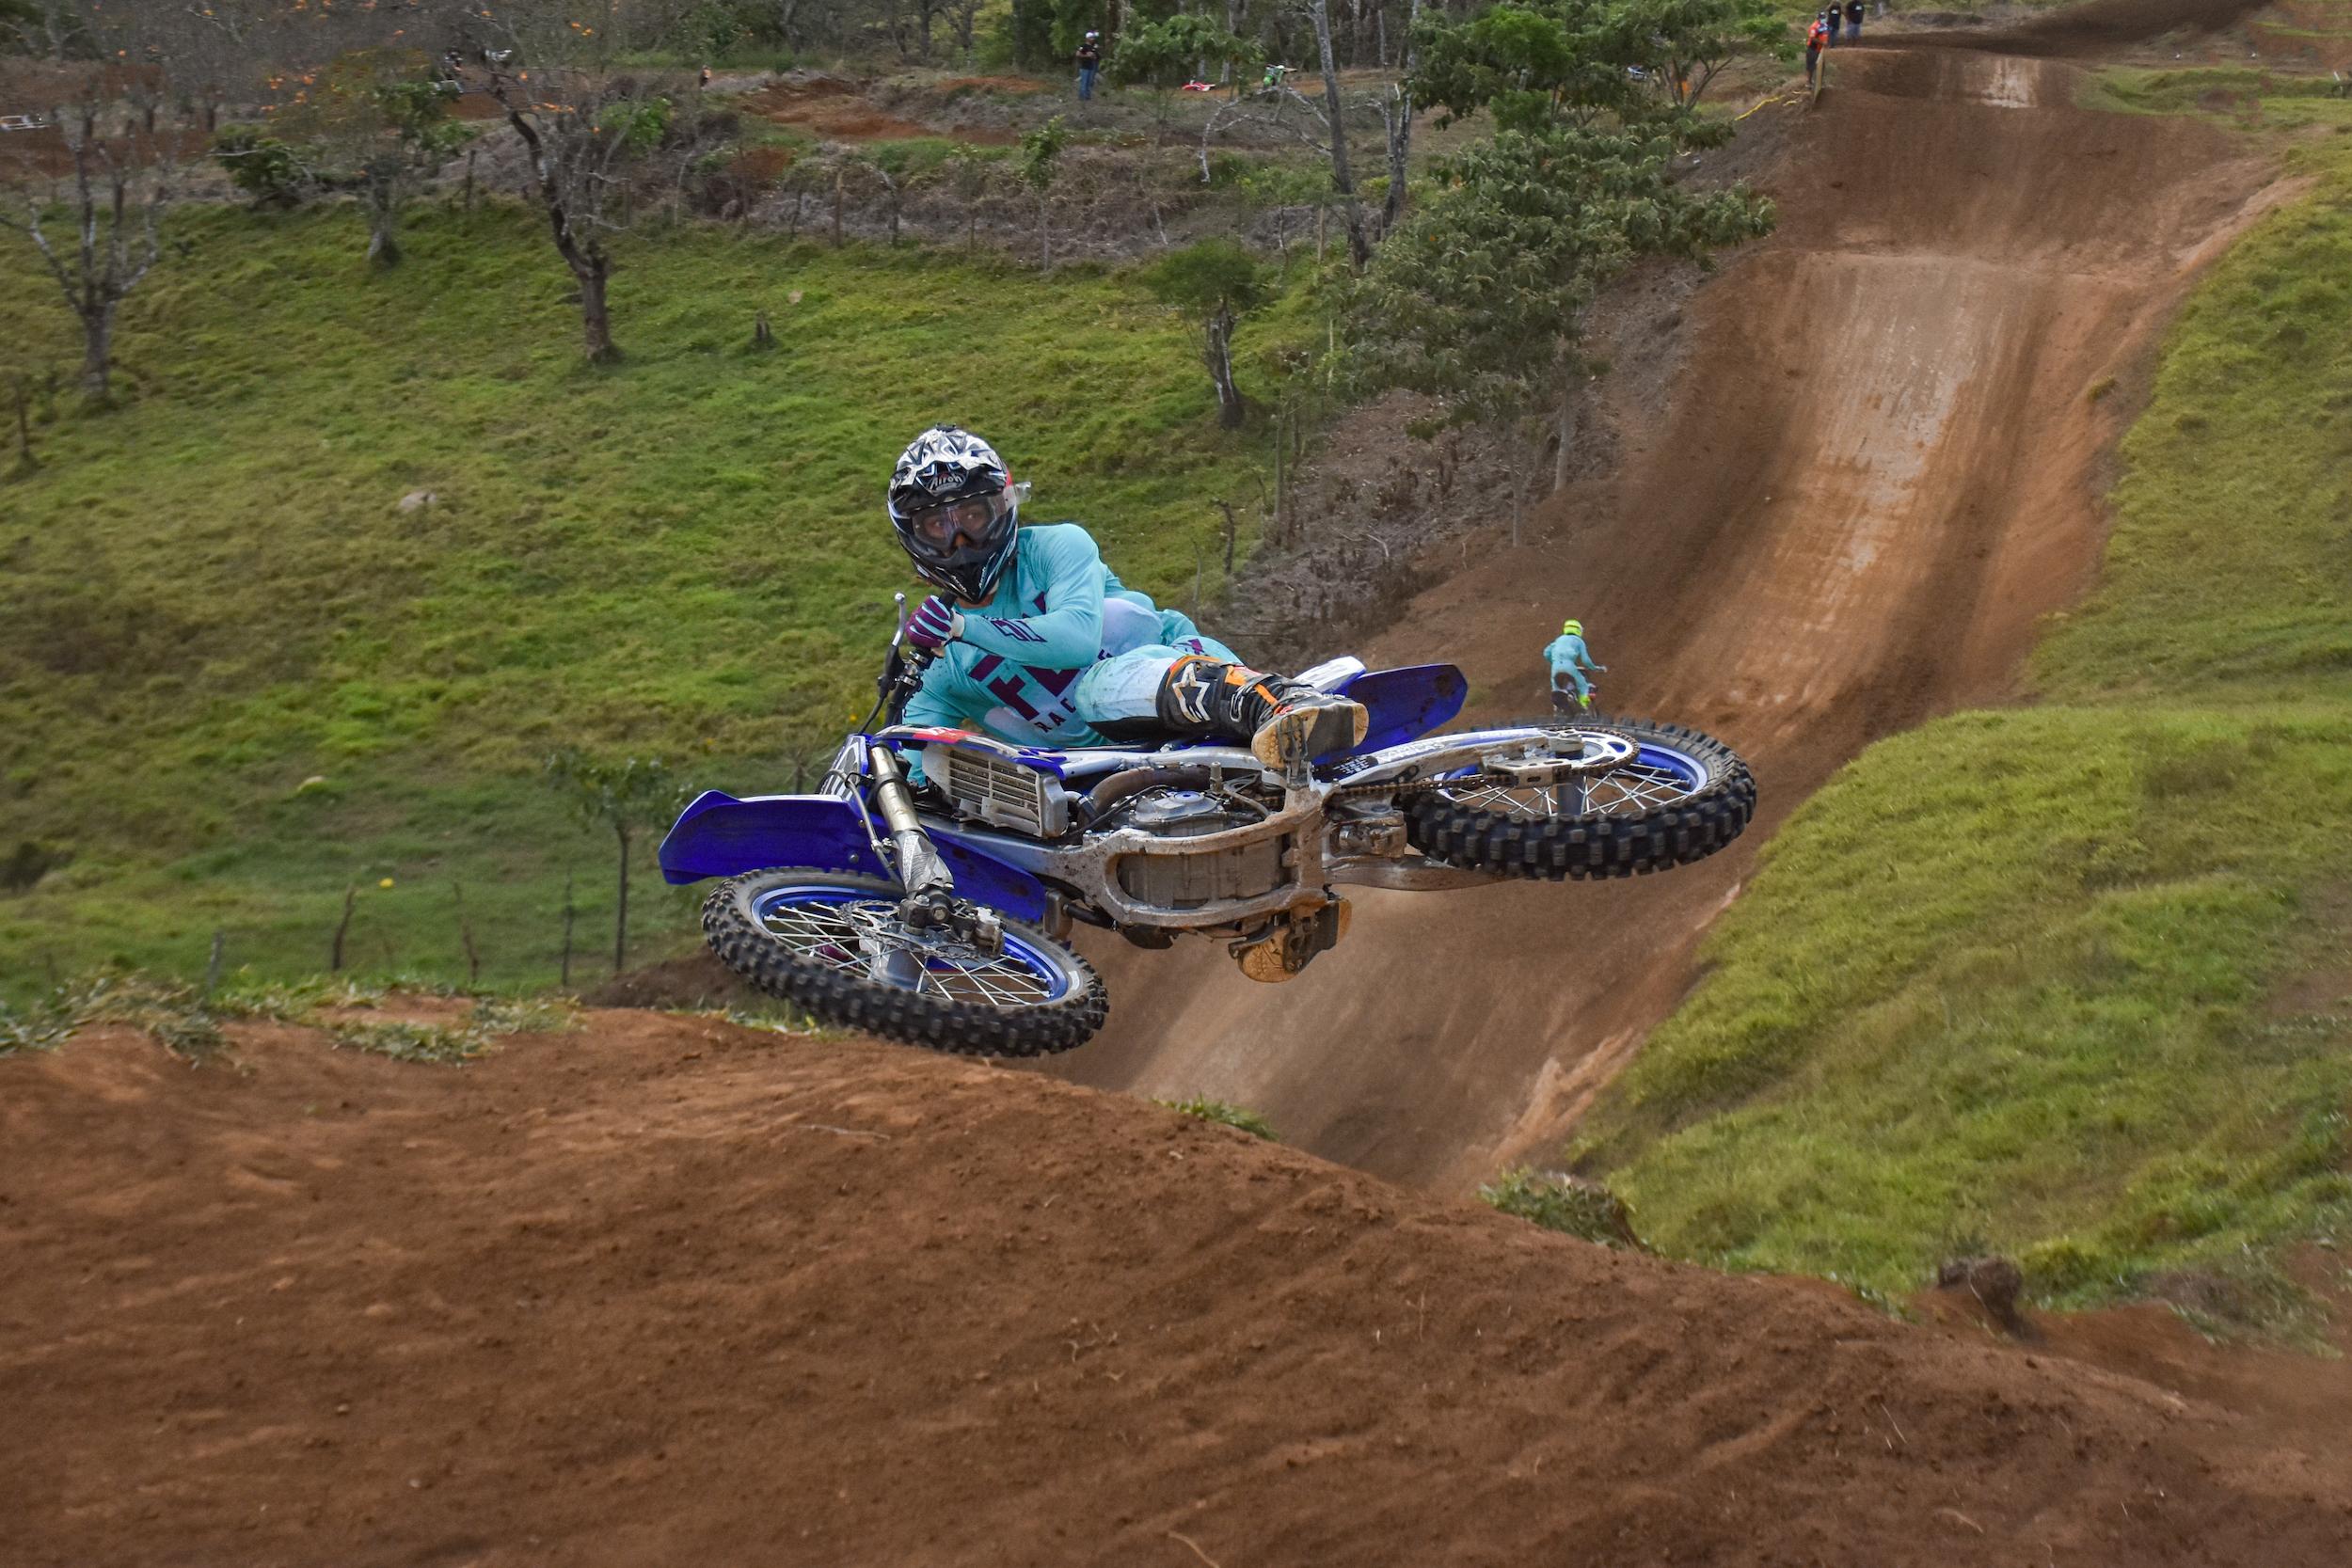 Nuevos piques calientan el regreso del Motocross